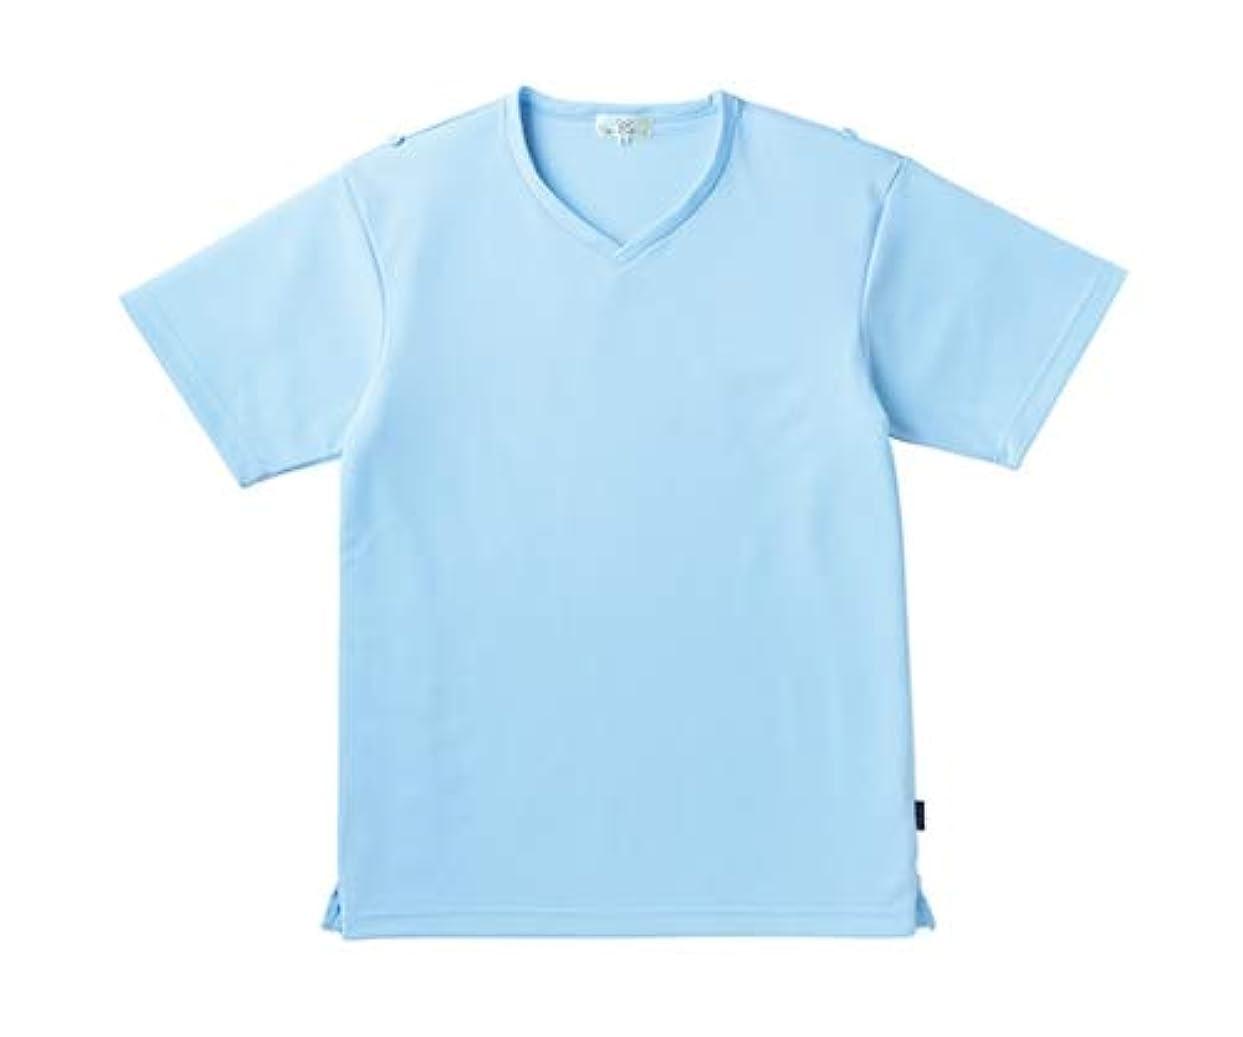 眠る推測するオリエントトンボ/KIRAKU 入浴介助用シャツ CR160 S サックス